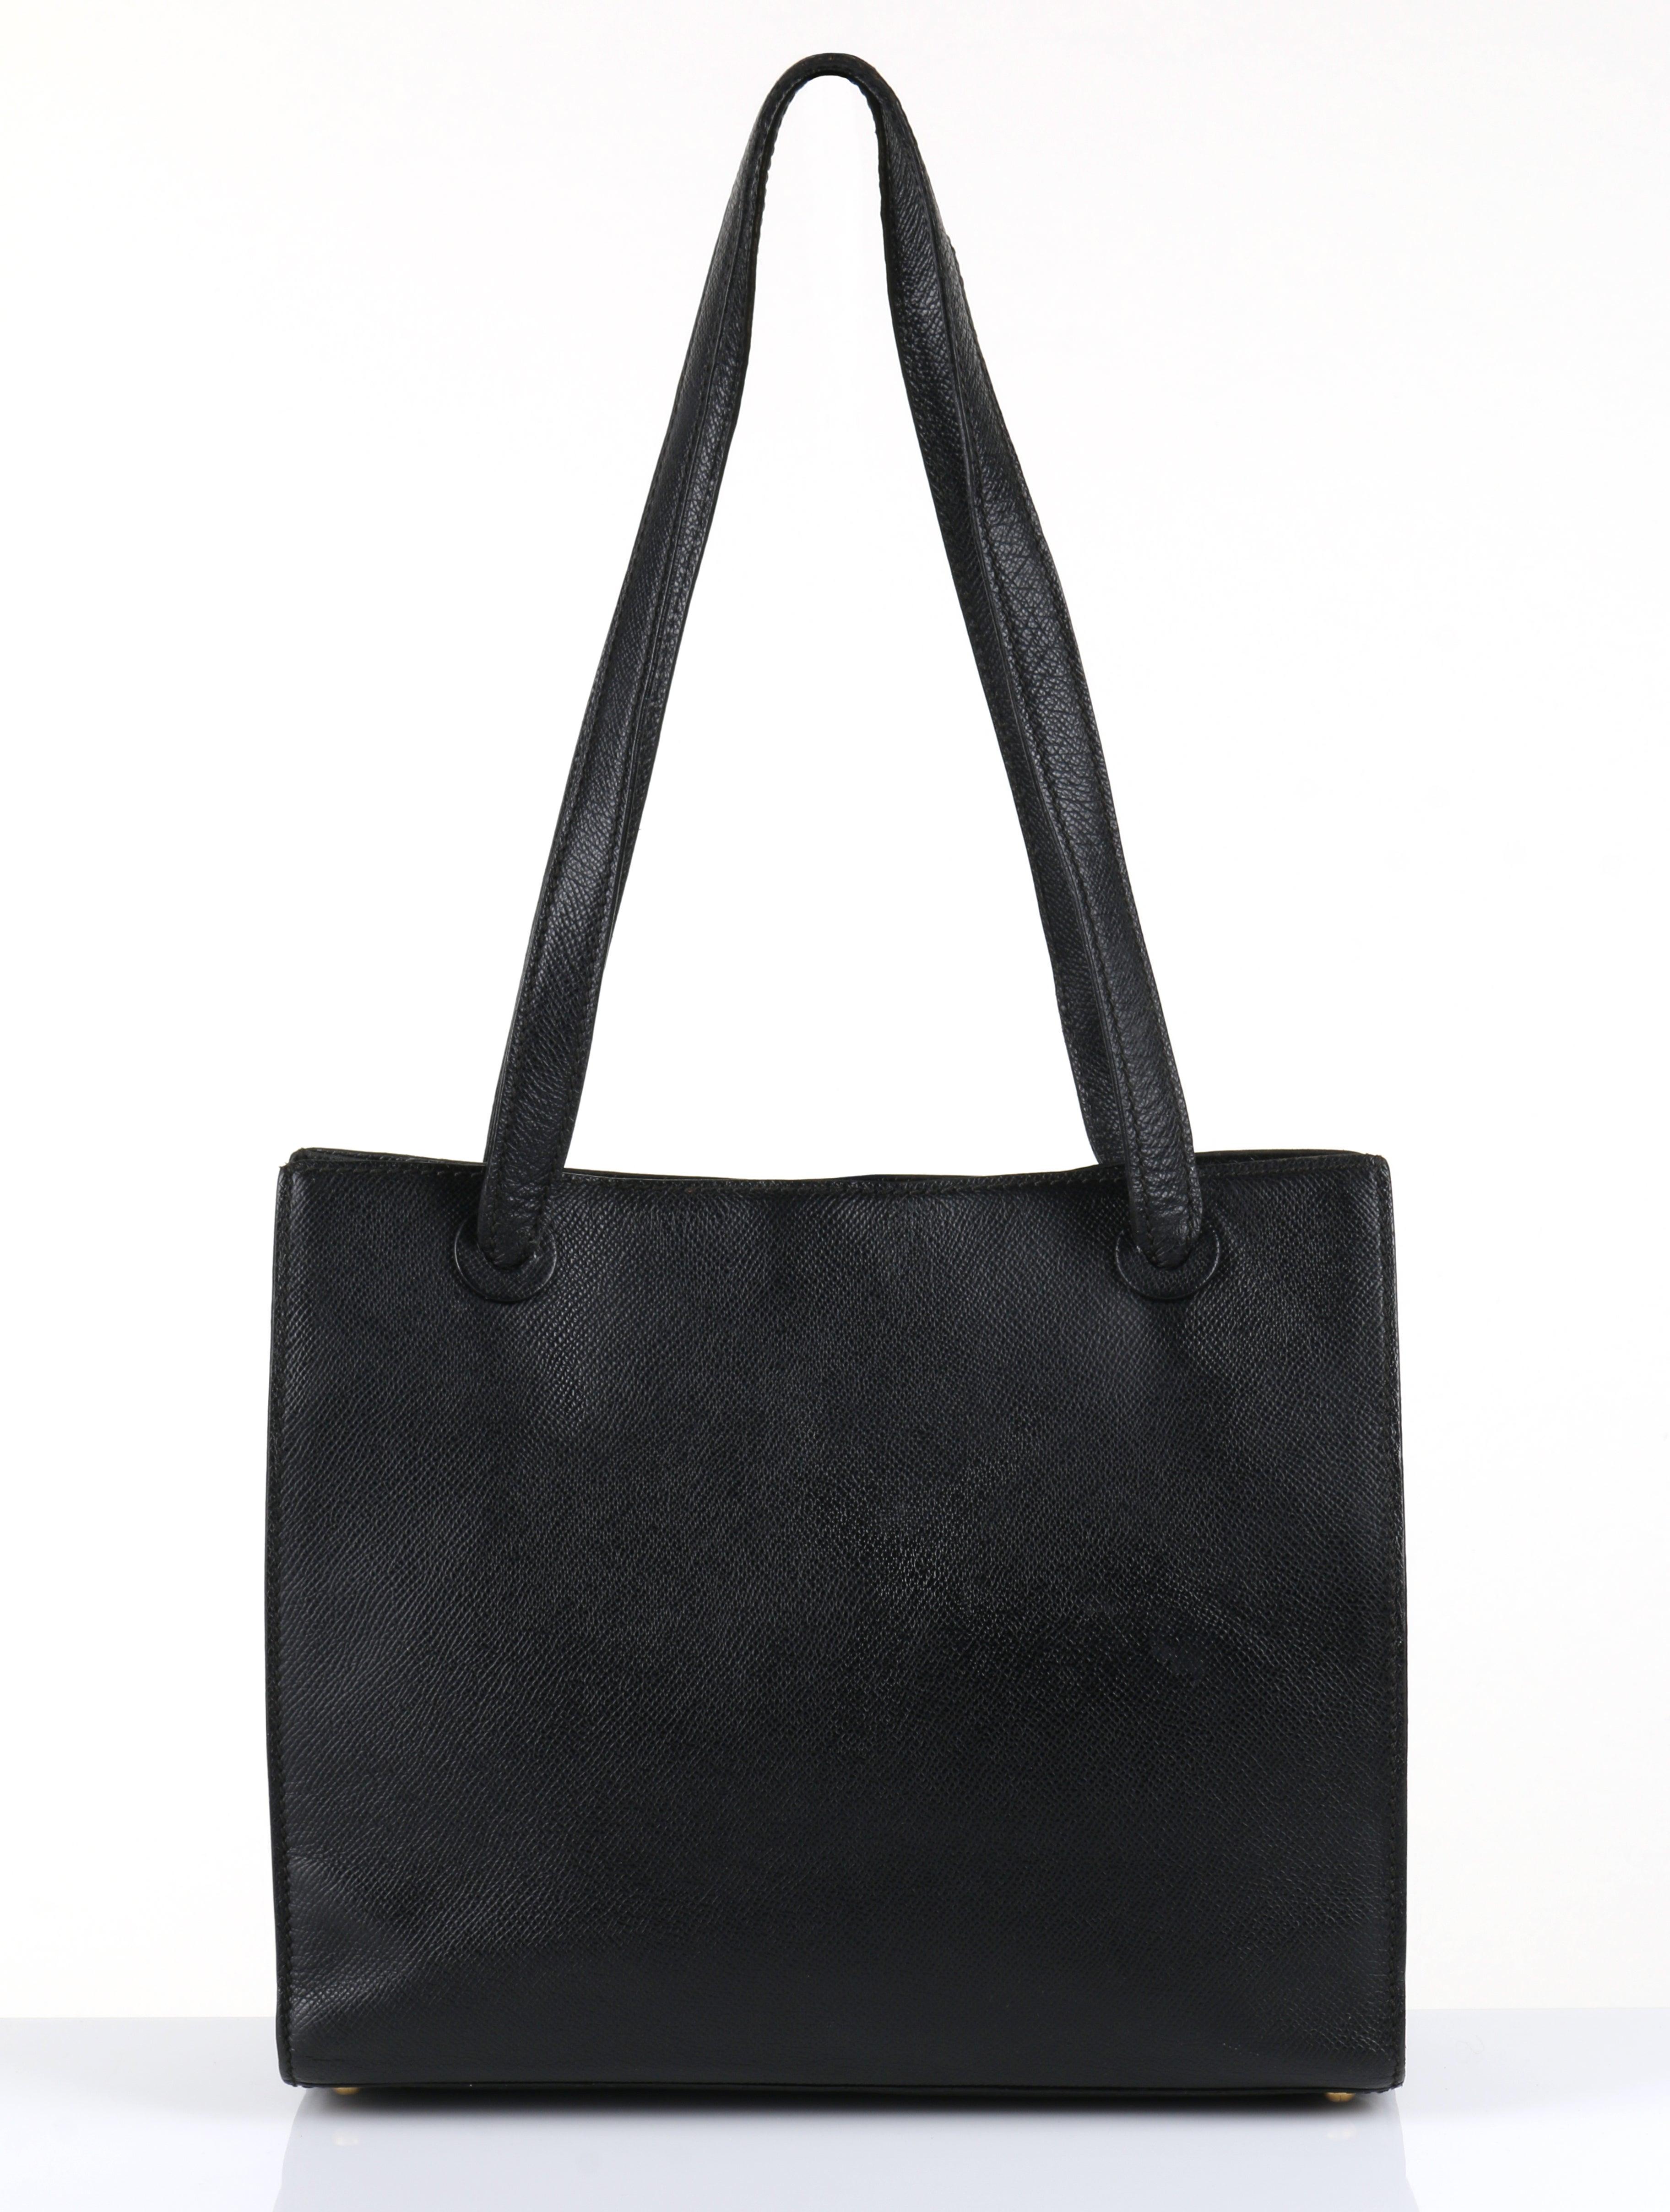 CHANEL c.1990 s Black Caviar Leather Structured Shoulder Bag Tote Handbag  Purse at 1stdibs 607ab816d7215